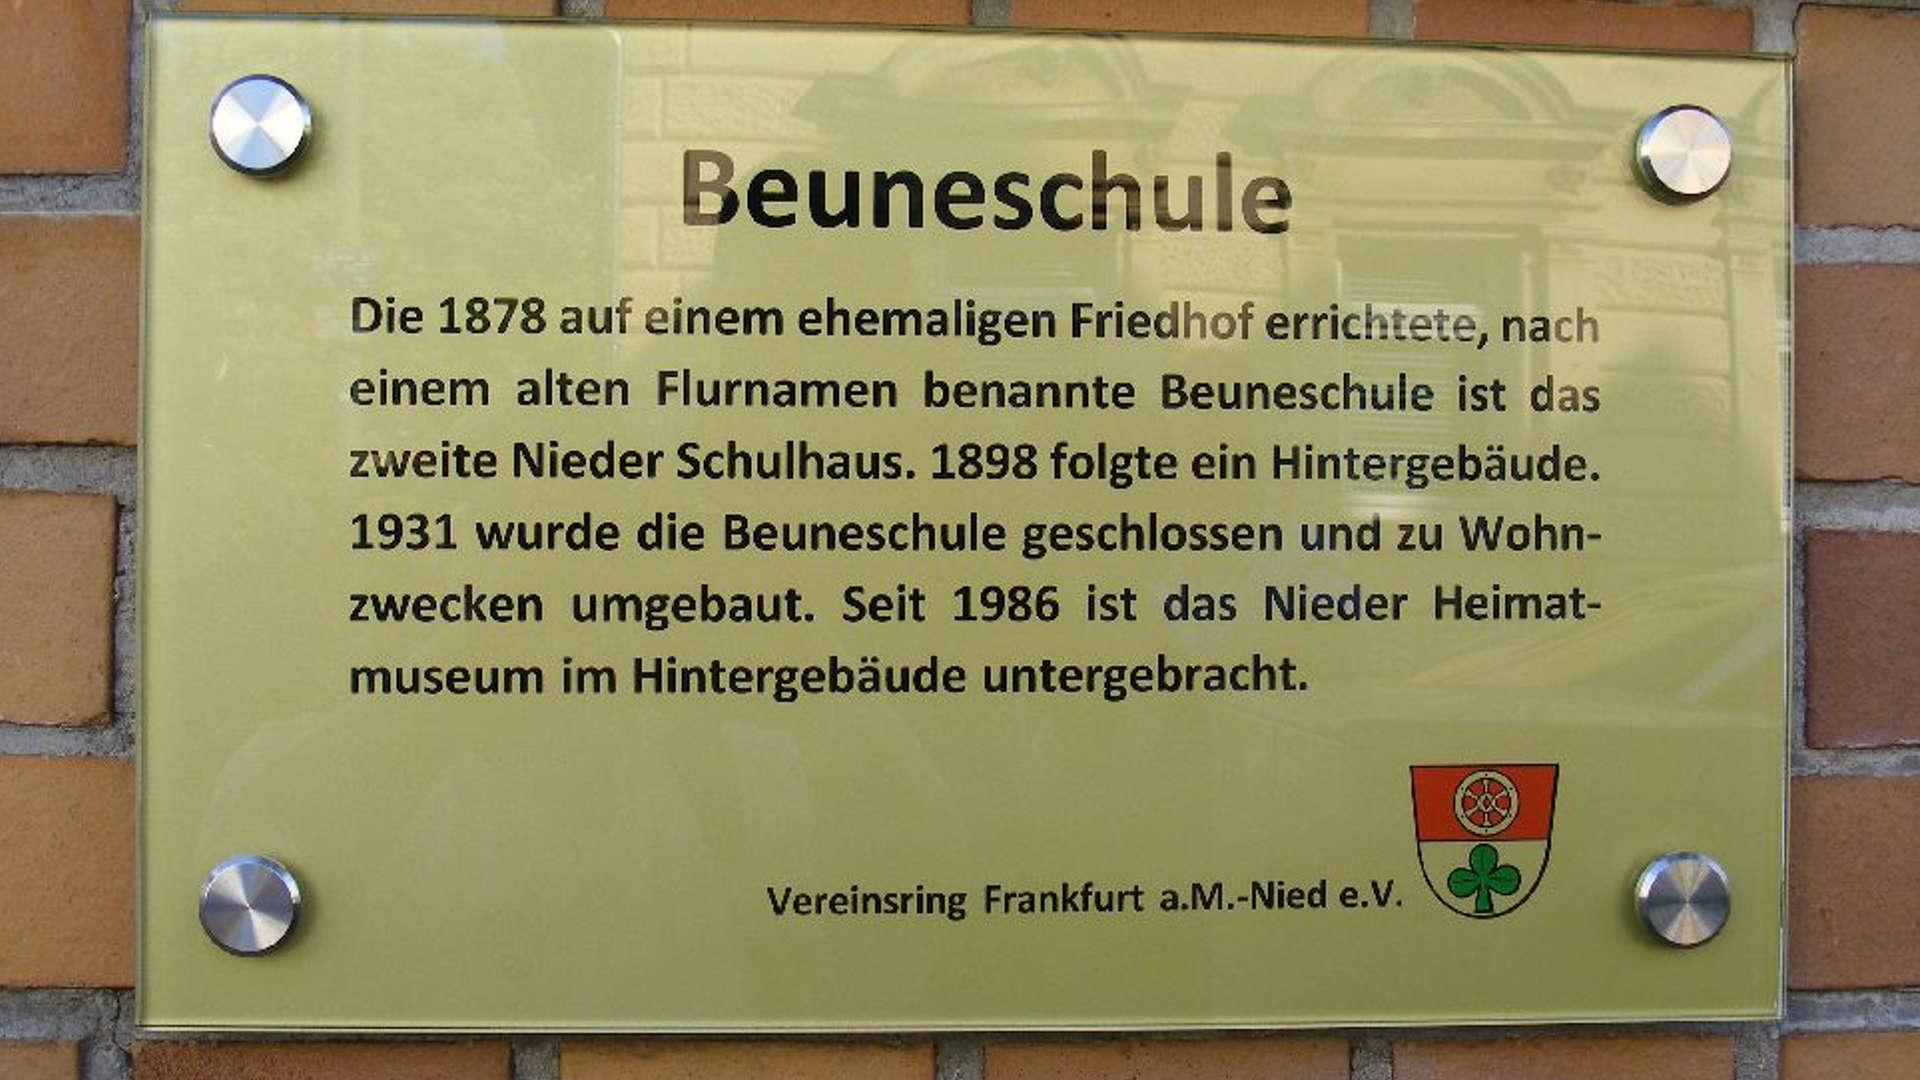 Beuneschule